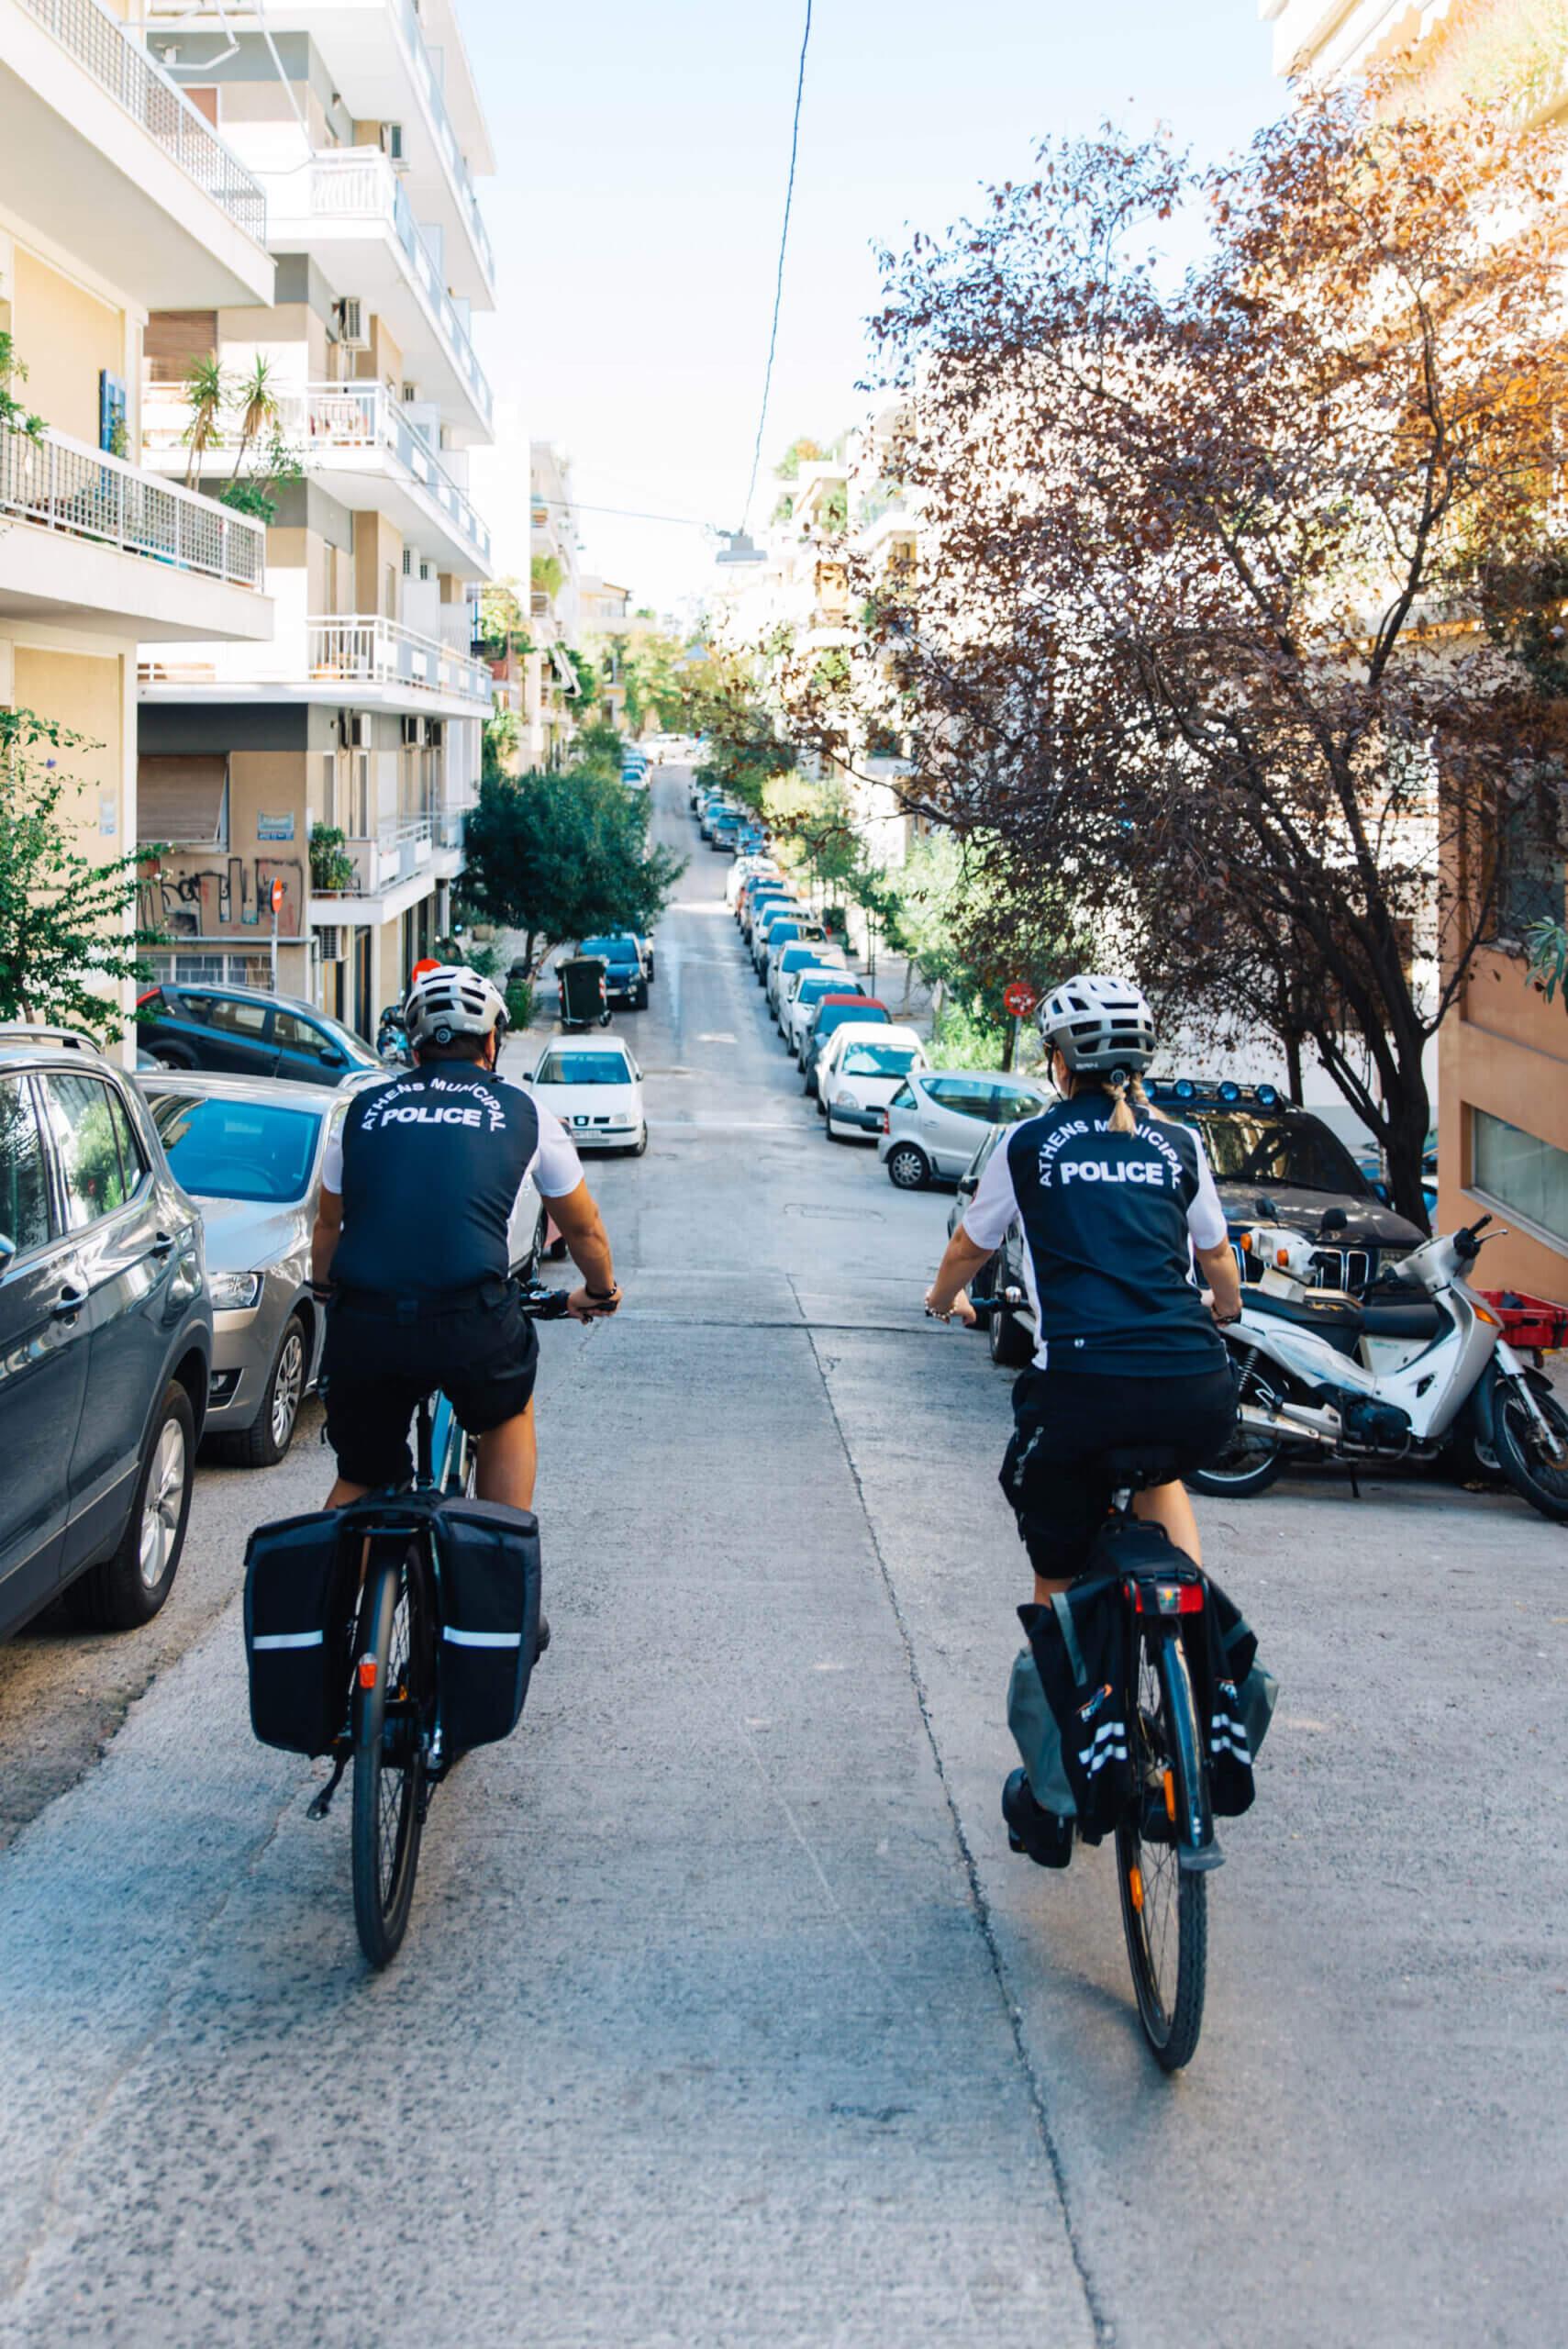 Η Δημοτική αστυνομία της Αθήνας εξοπλίστηκε με νέα σύγχρονα ποδήλατα